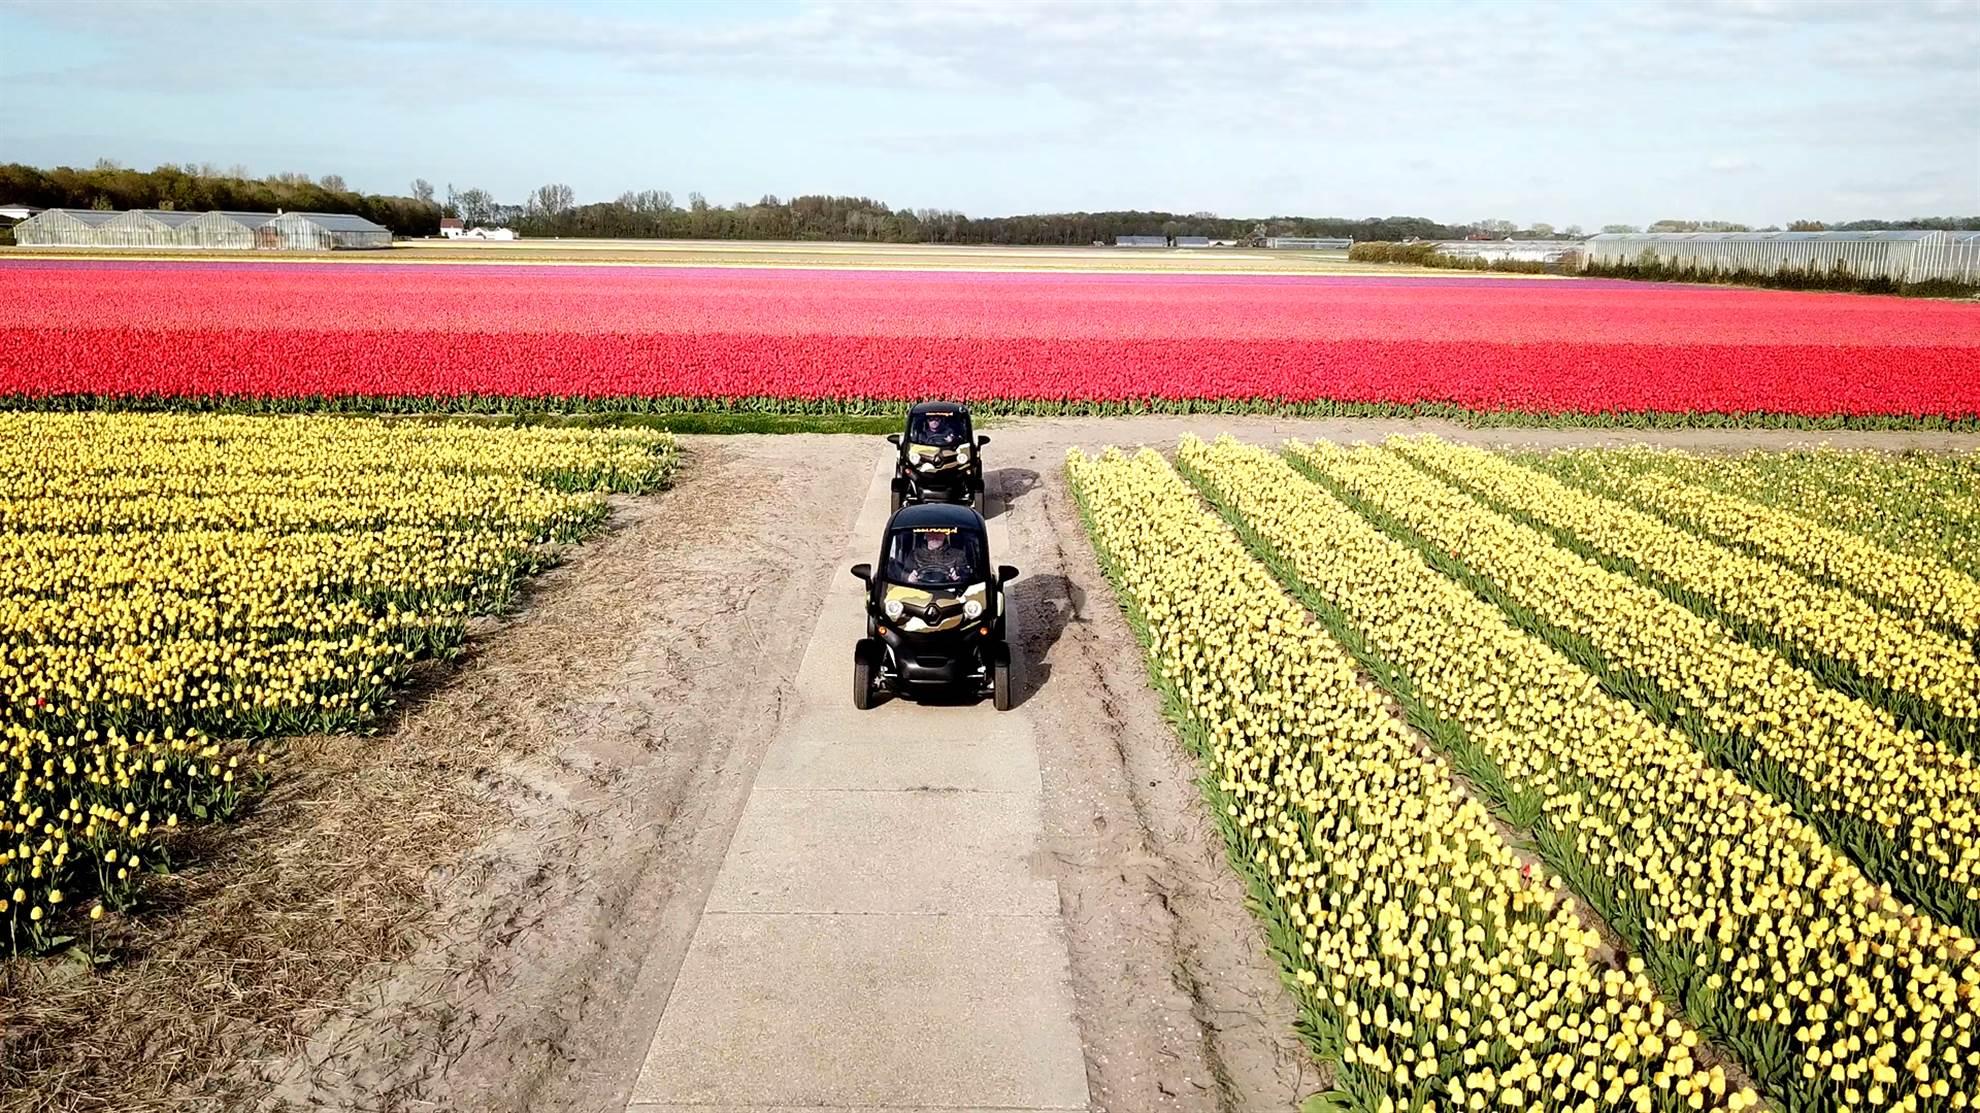 Les champs de tulipes en véhicule électrique